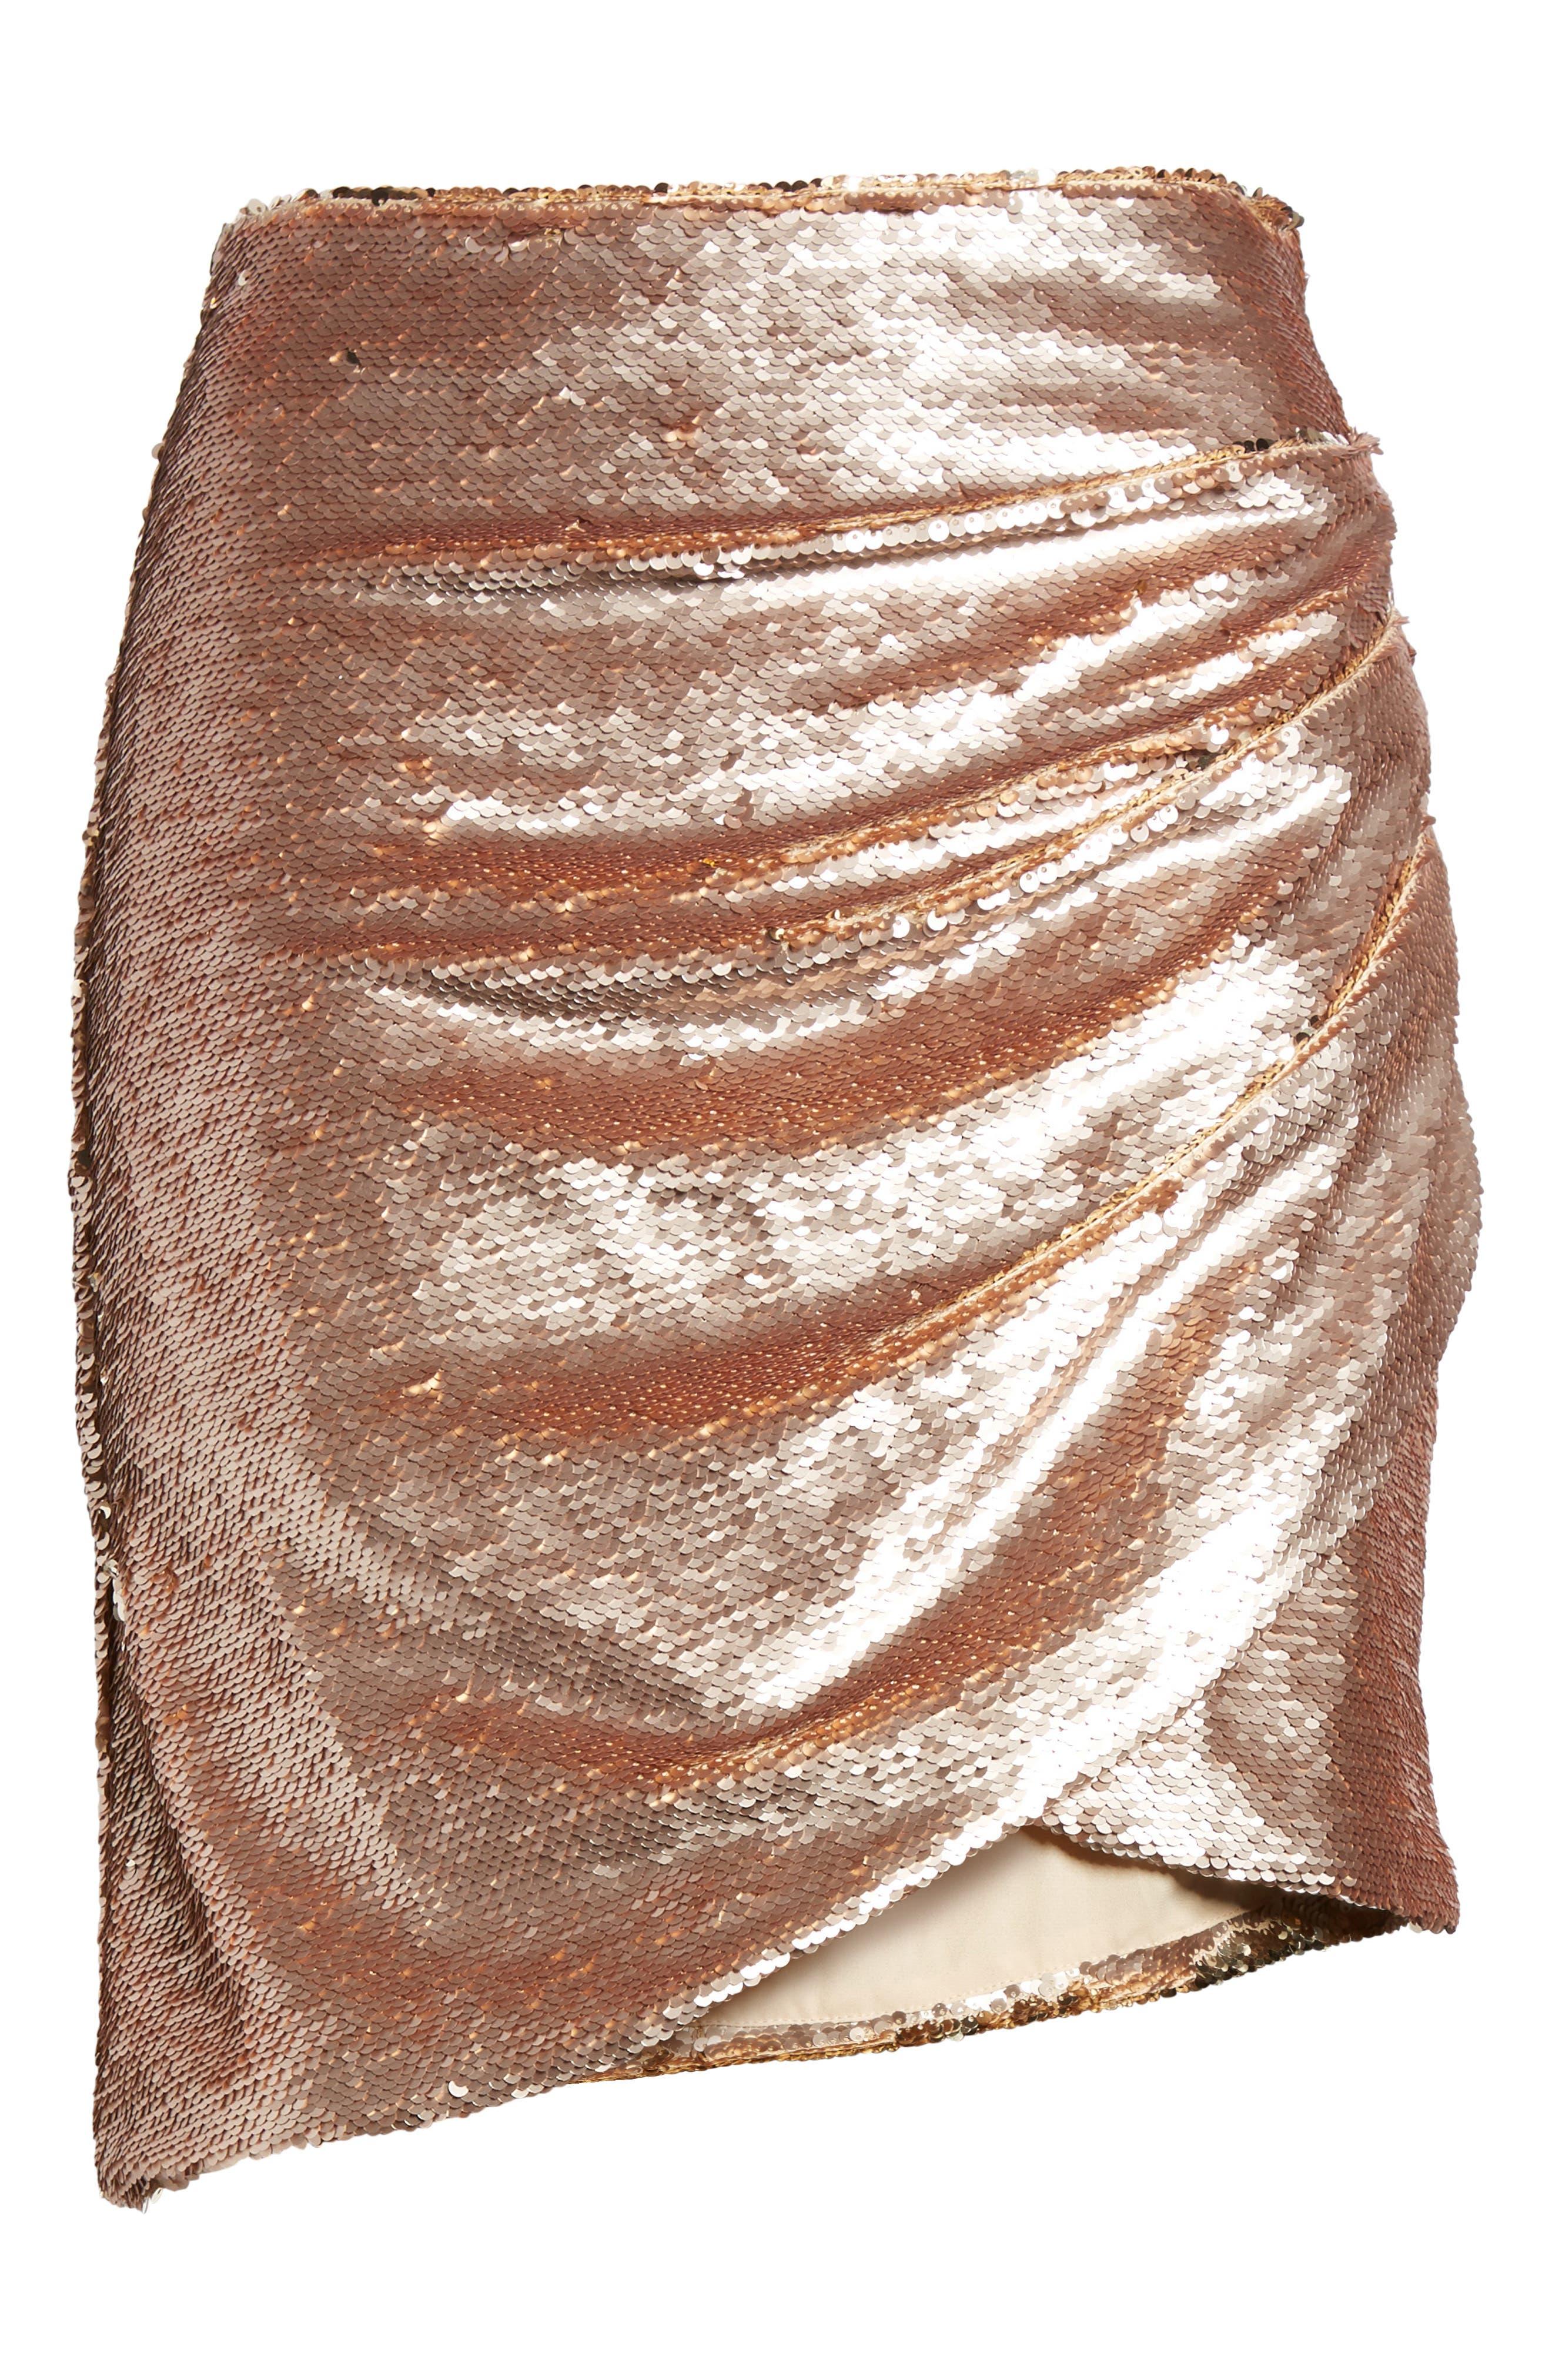 Tresor Sequin Miniskirt,                             Alternate thumbnail 6, color,                             Champagne Blush